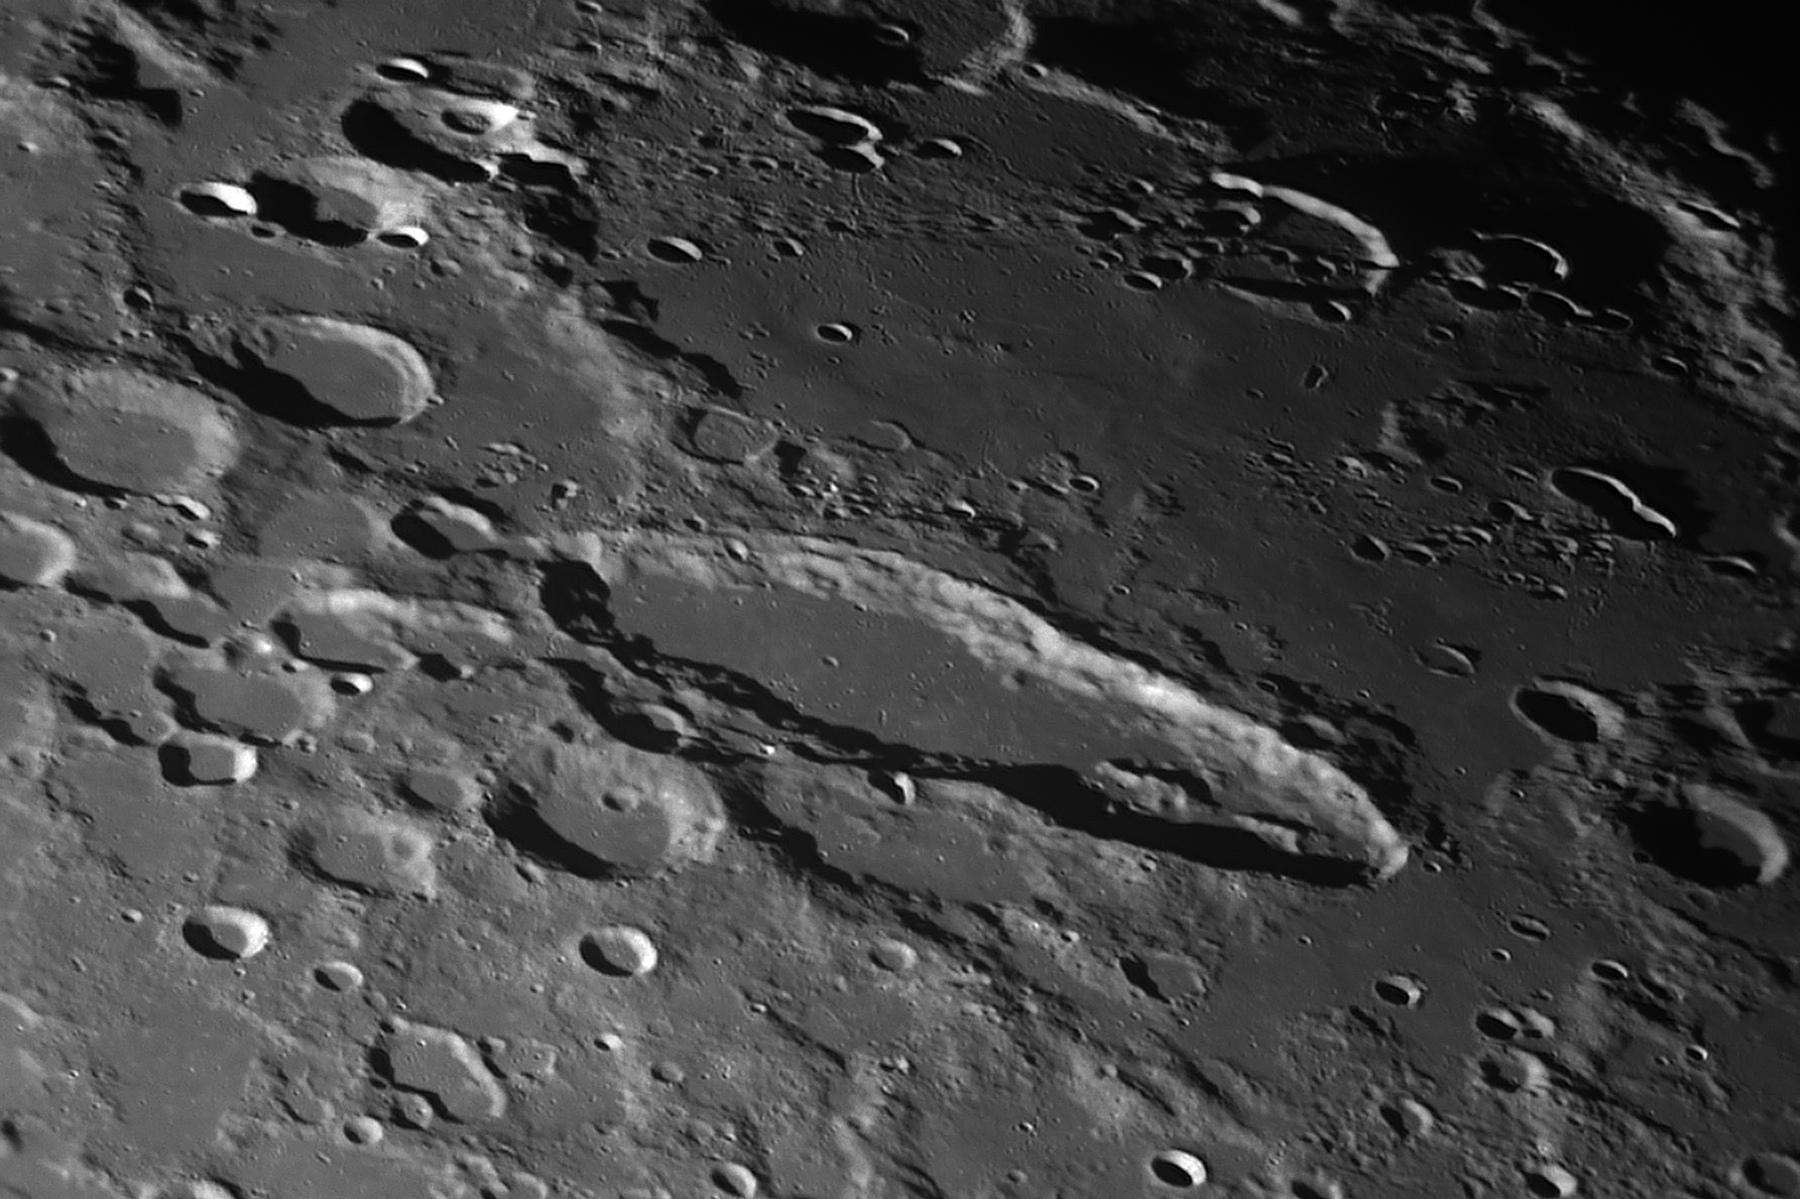 2021-02-23-2036_6-R-Moon_Schiller_C.jpg.0b66660611fd75cece0c053076acf9d8.jpg